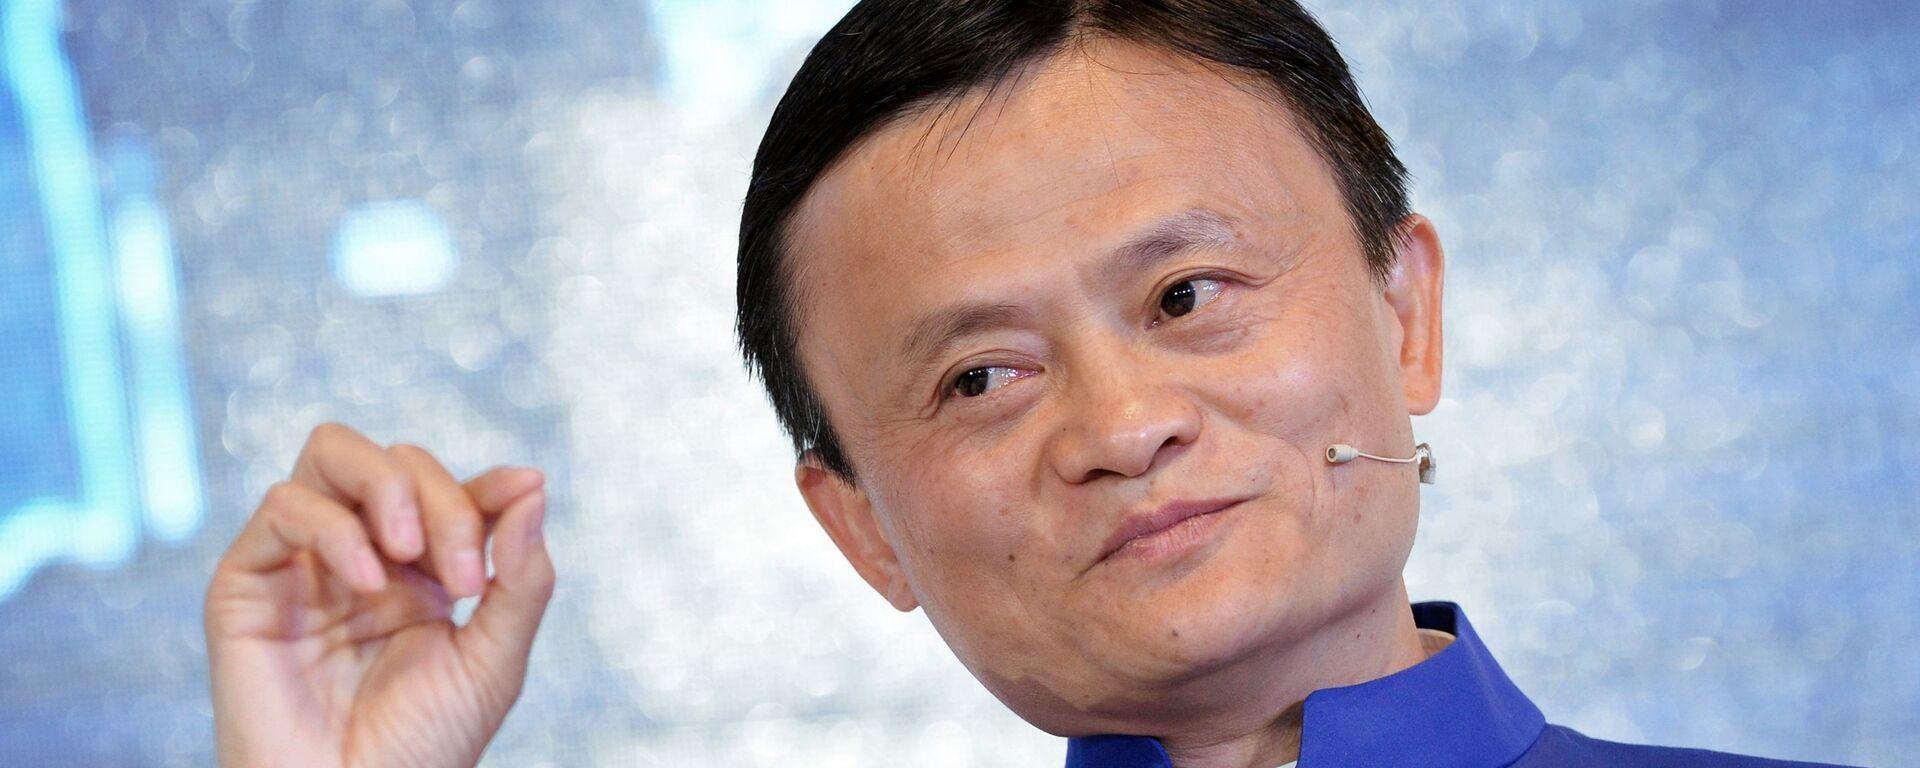 Исполнительный председатель Alibaba Group Джек Юн Ма. Архивное фото - Sputnik Тоҷикистон, 1920, 10.04.2021